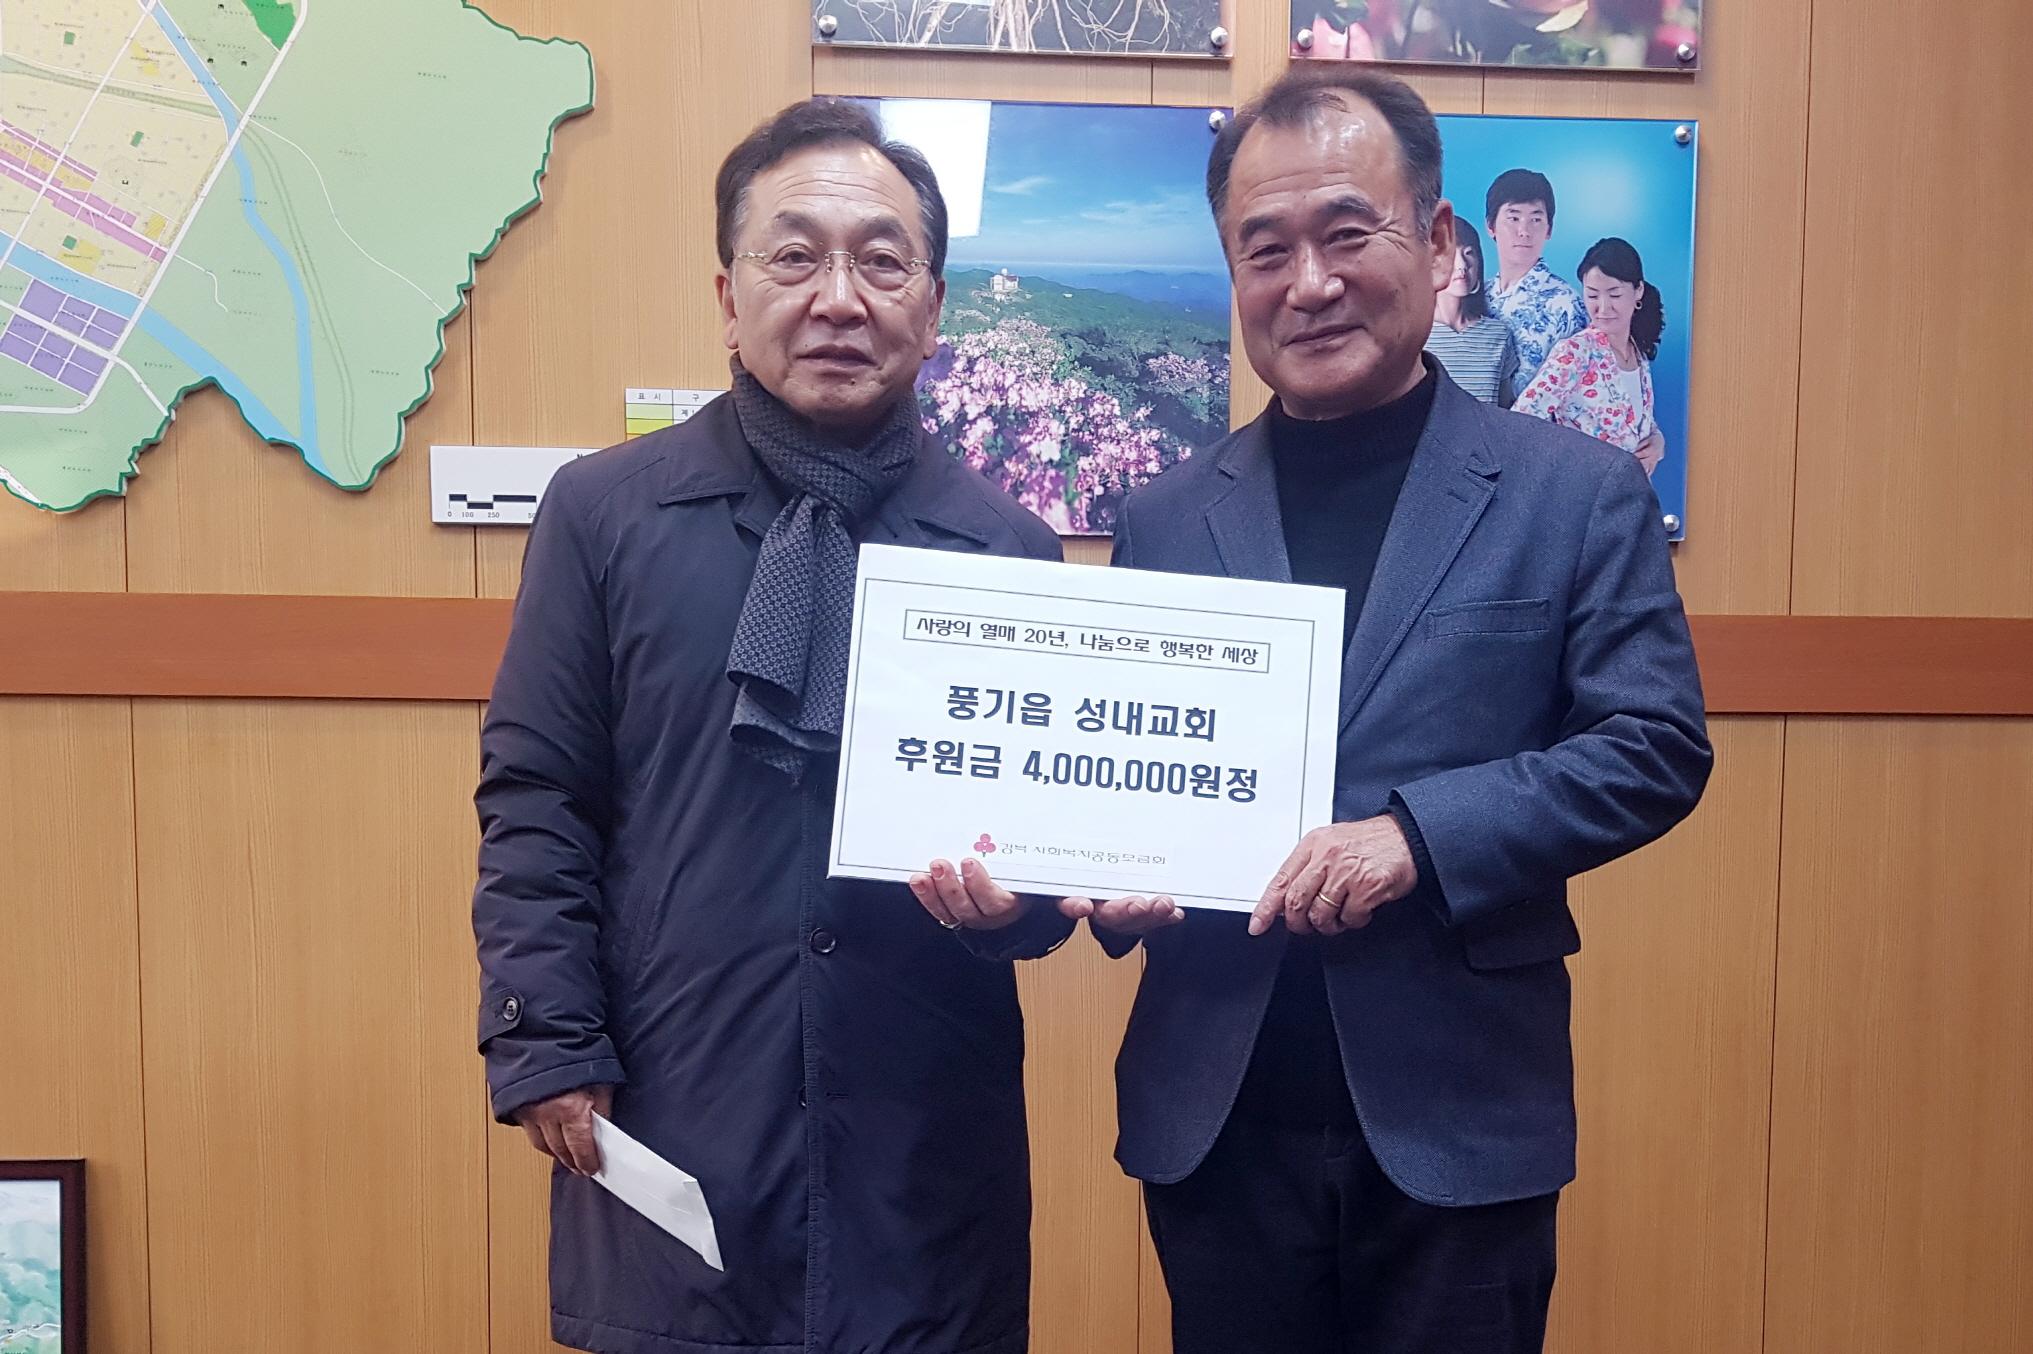 풍기 성내교회, 이웃돕기성금 4백만 원 기탁